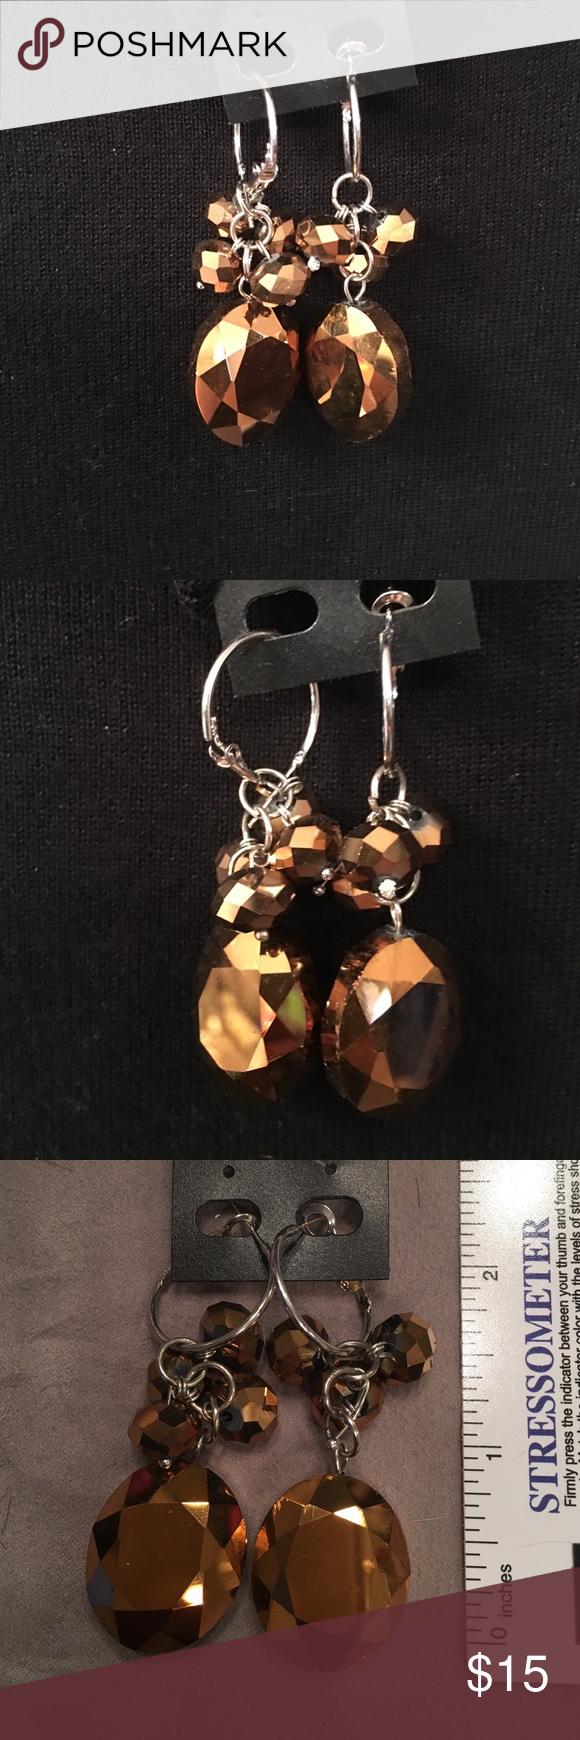 Gold tone Pierced Earrings Gold tone Pierced Earrings.   Deep rich tone of gold.  Very dress up dangle earrings.  Never been worn. Jewelry Earrings